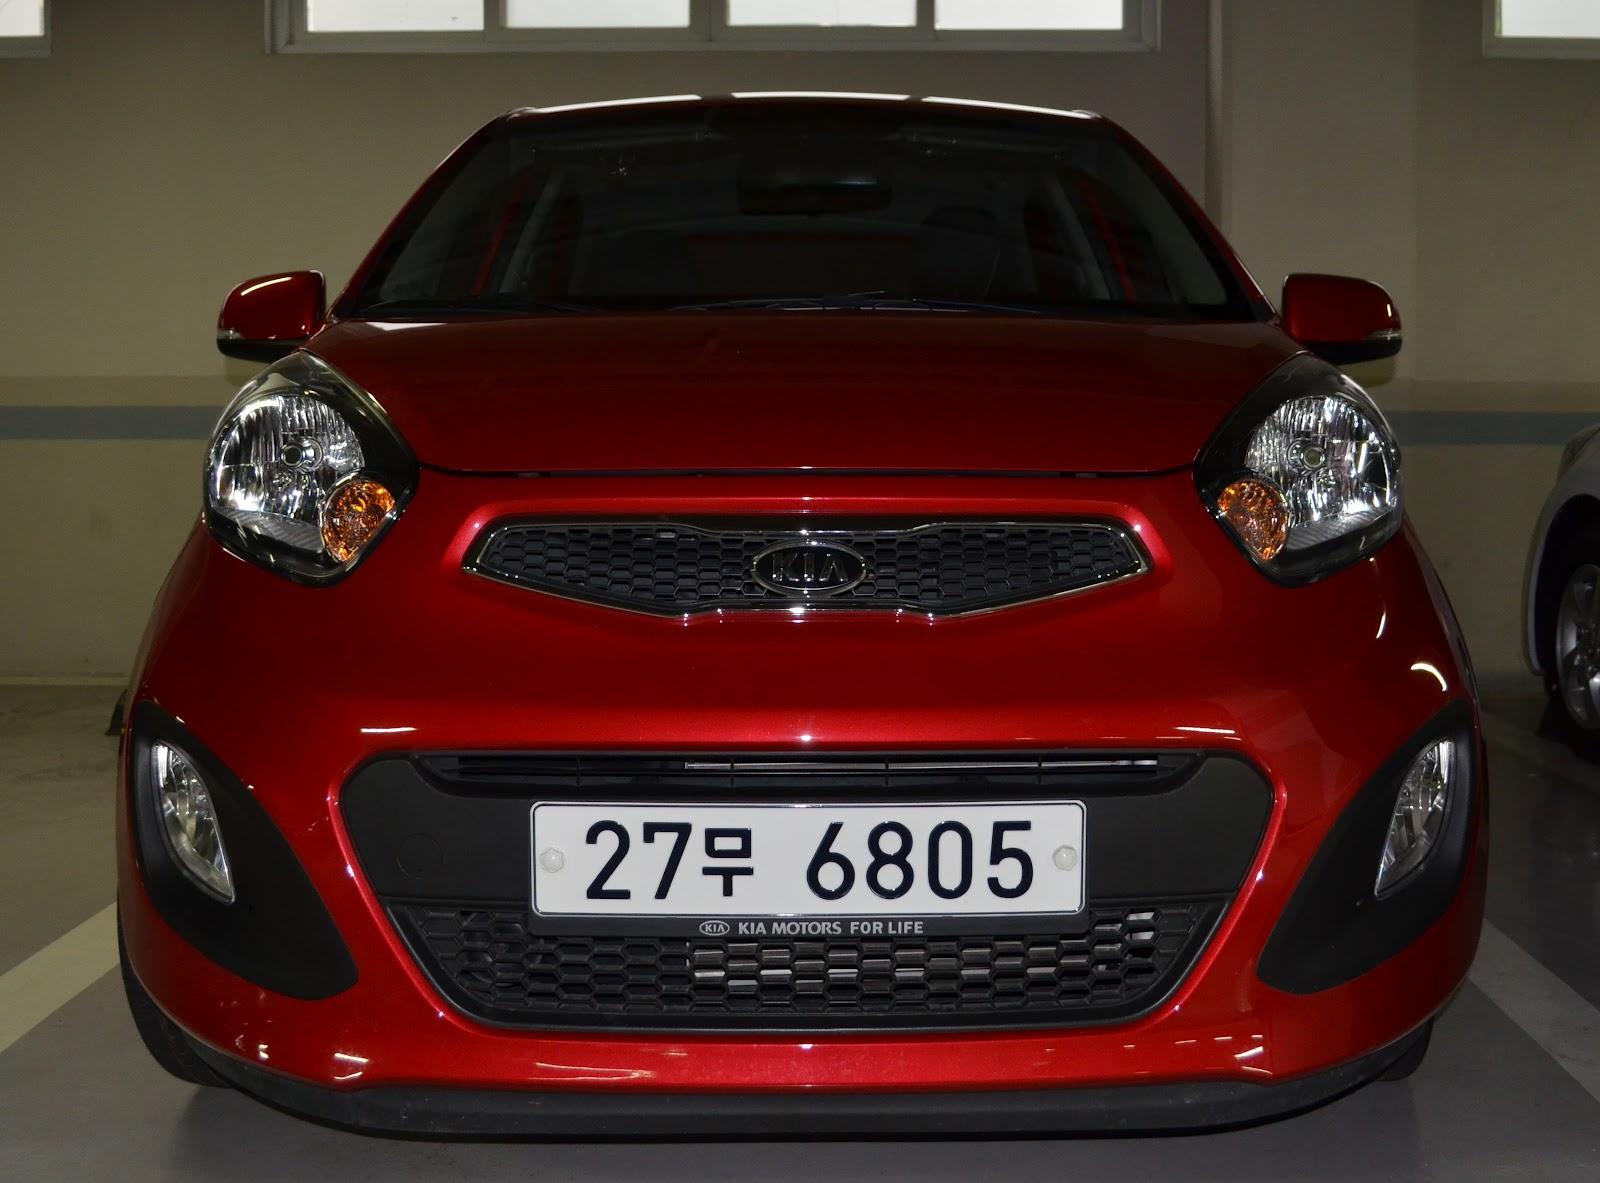 Iren's hverdag i Asia: Ny bil!